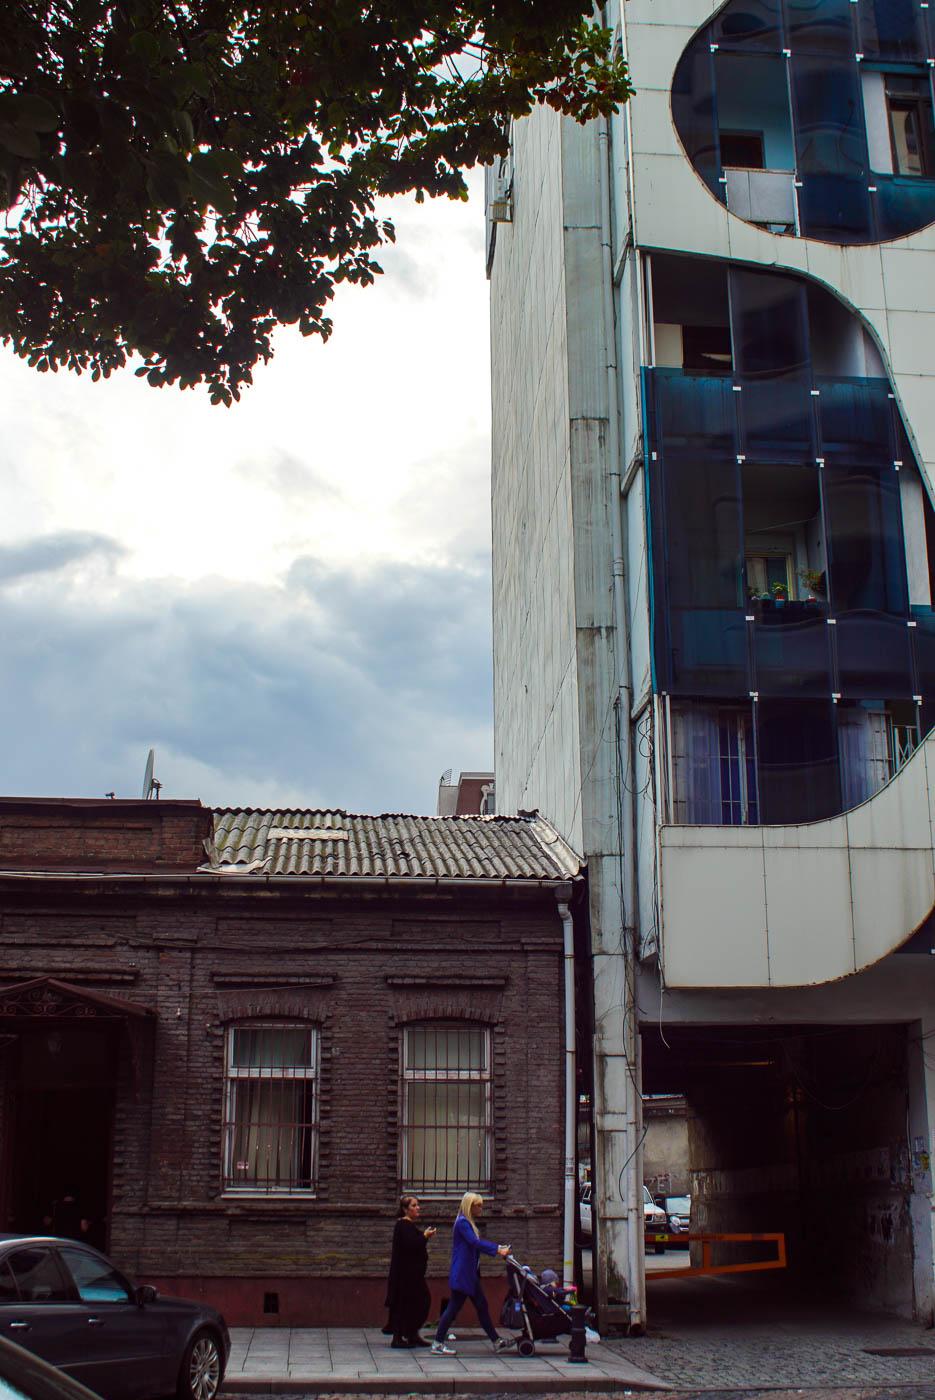 Zu sehen ist ein altes einstöckiges Backsteinhaus, direkt daneben schließt sich ein modernes Wohnhaus mit Glasfassade und Blech Verzierungen an. Im Vordergrund läuft eine Mutter mit Kinderwagen und einer älteren Dame.